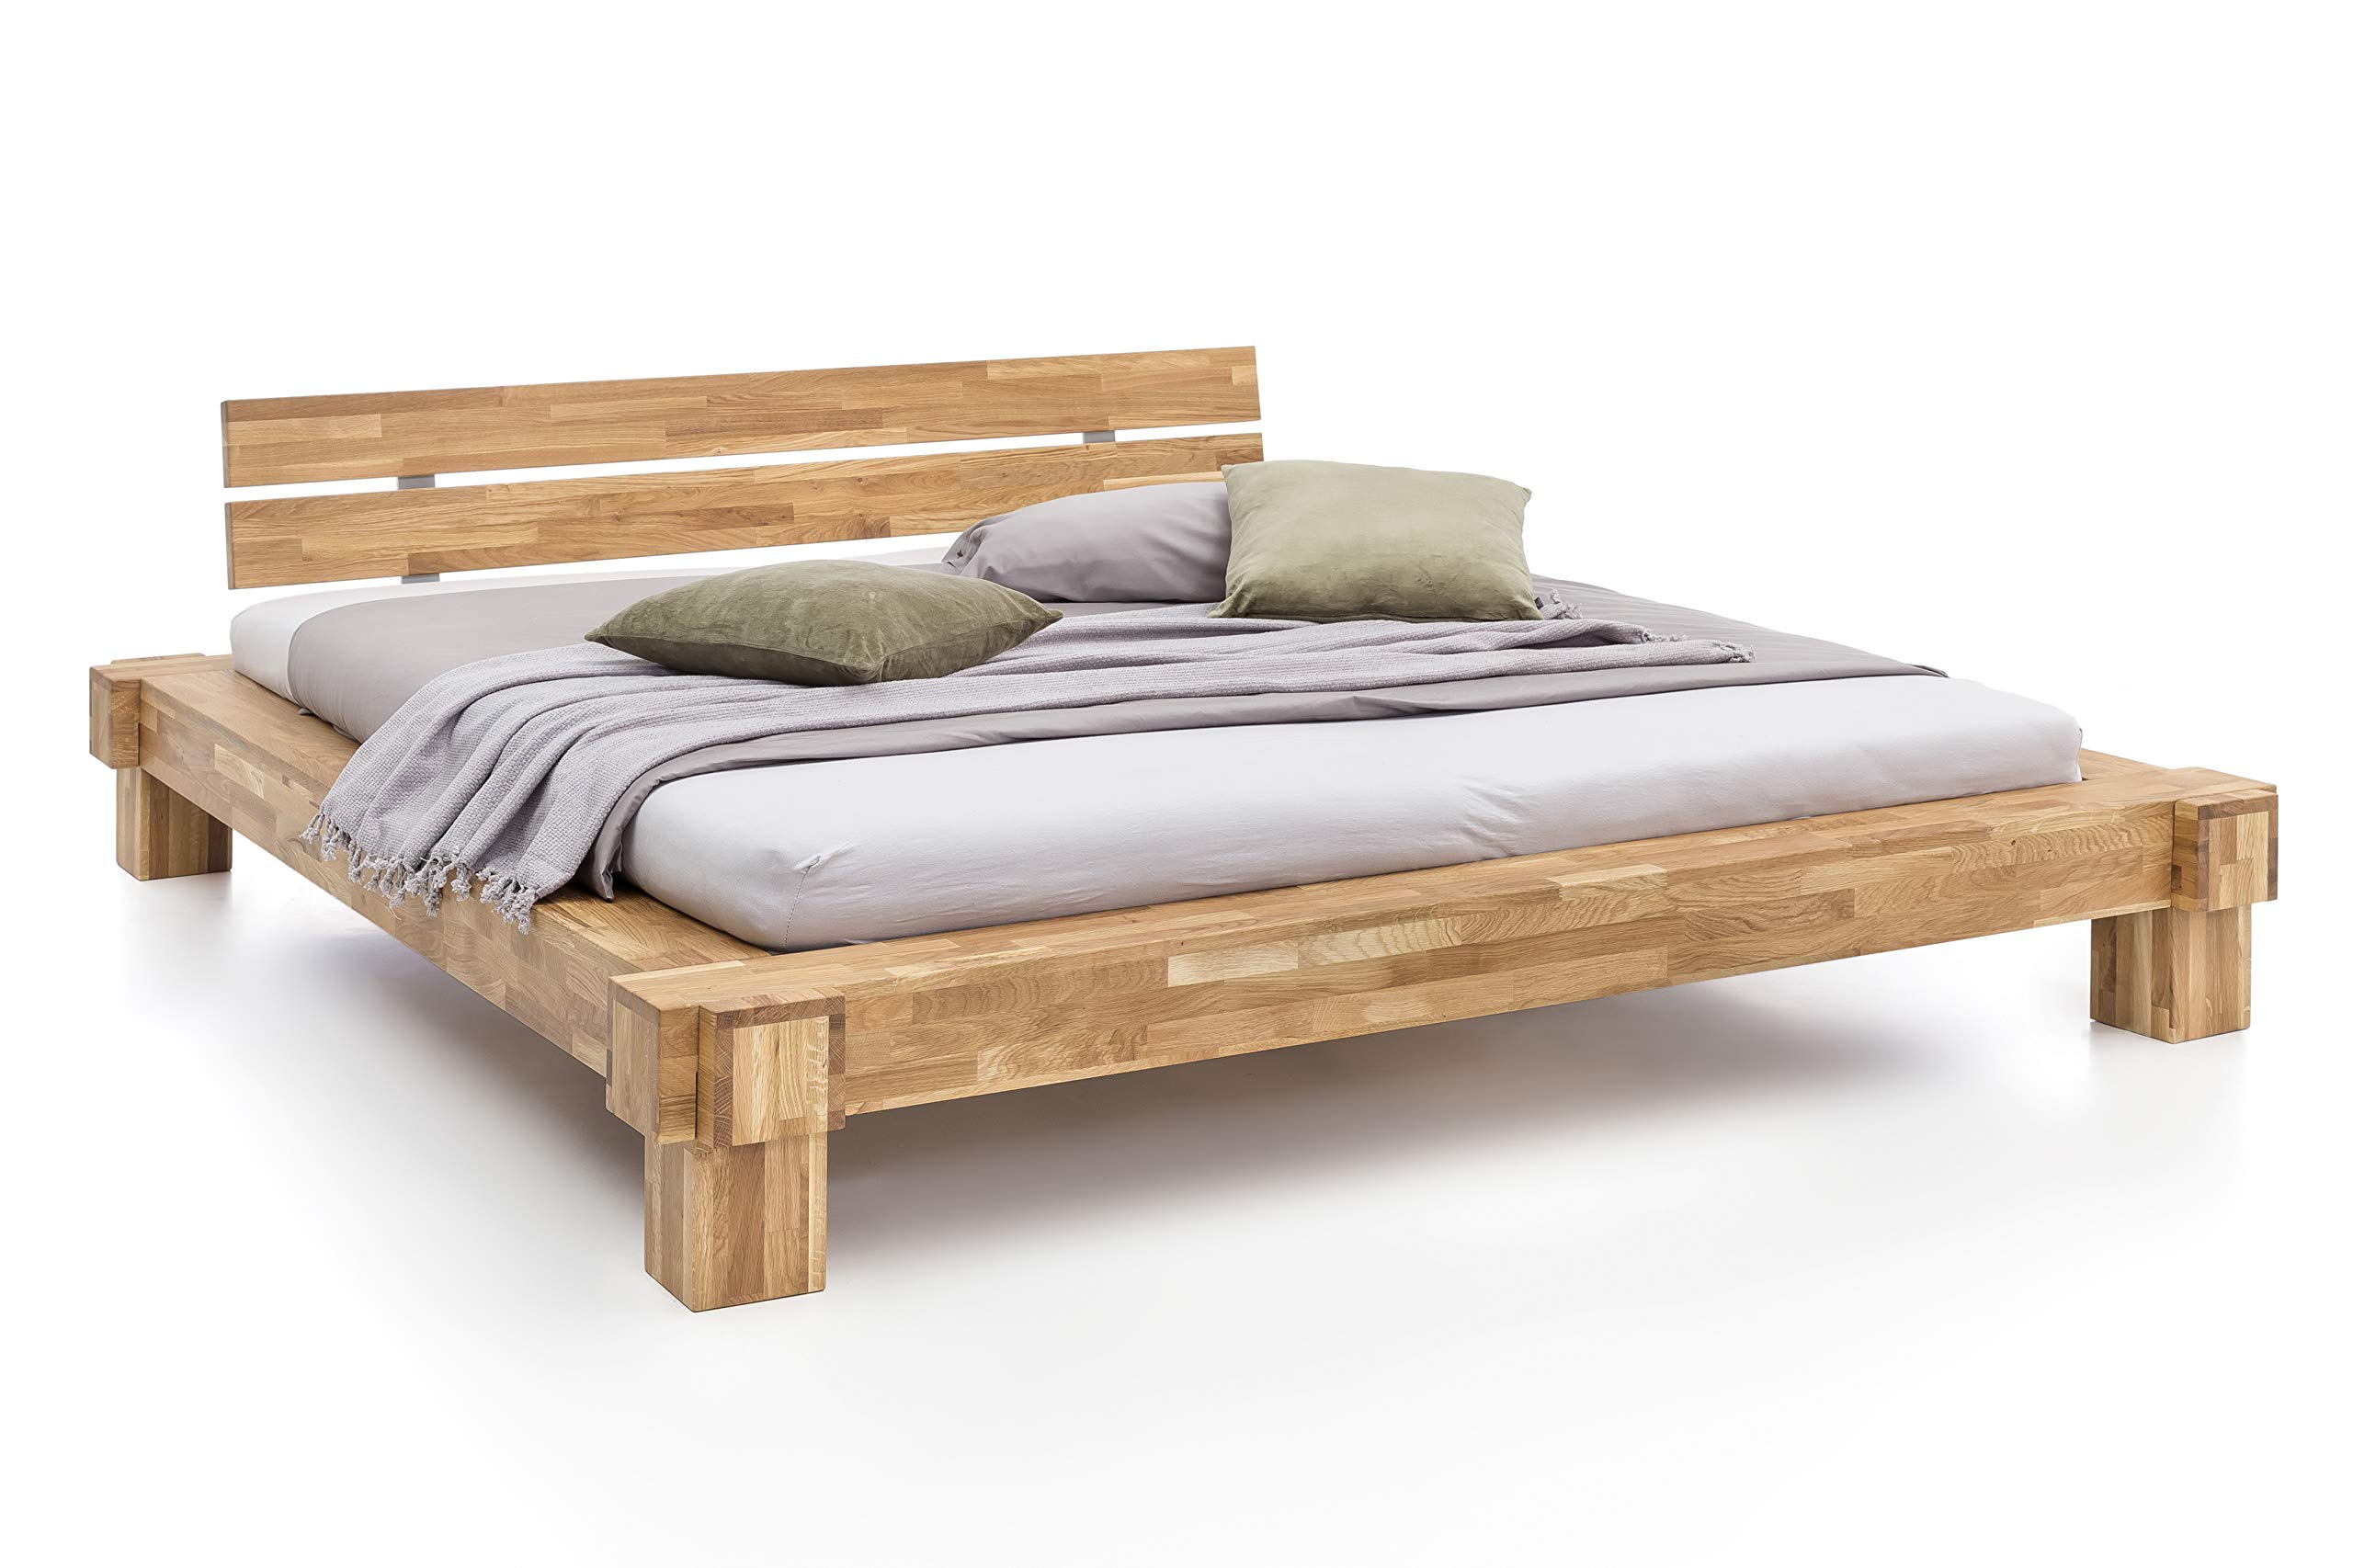 Full Size of Palettenbett Ikea 140x200 Küche Kosten Betten Bei Modulküche Sofa Mit Schlaffunktion 160x200 Kaufen Miniküche Wohnzimmer Palettenbett Ikea